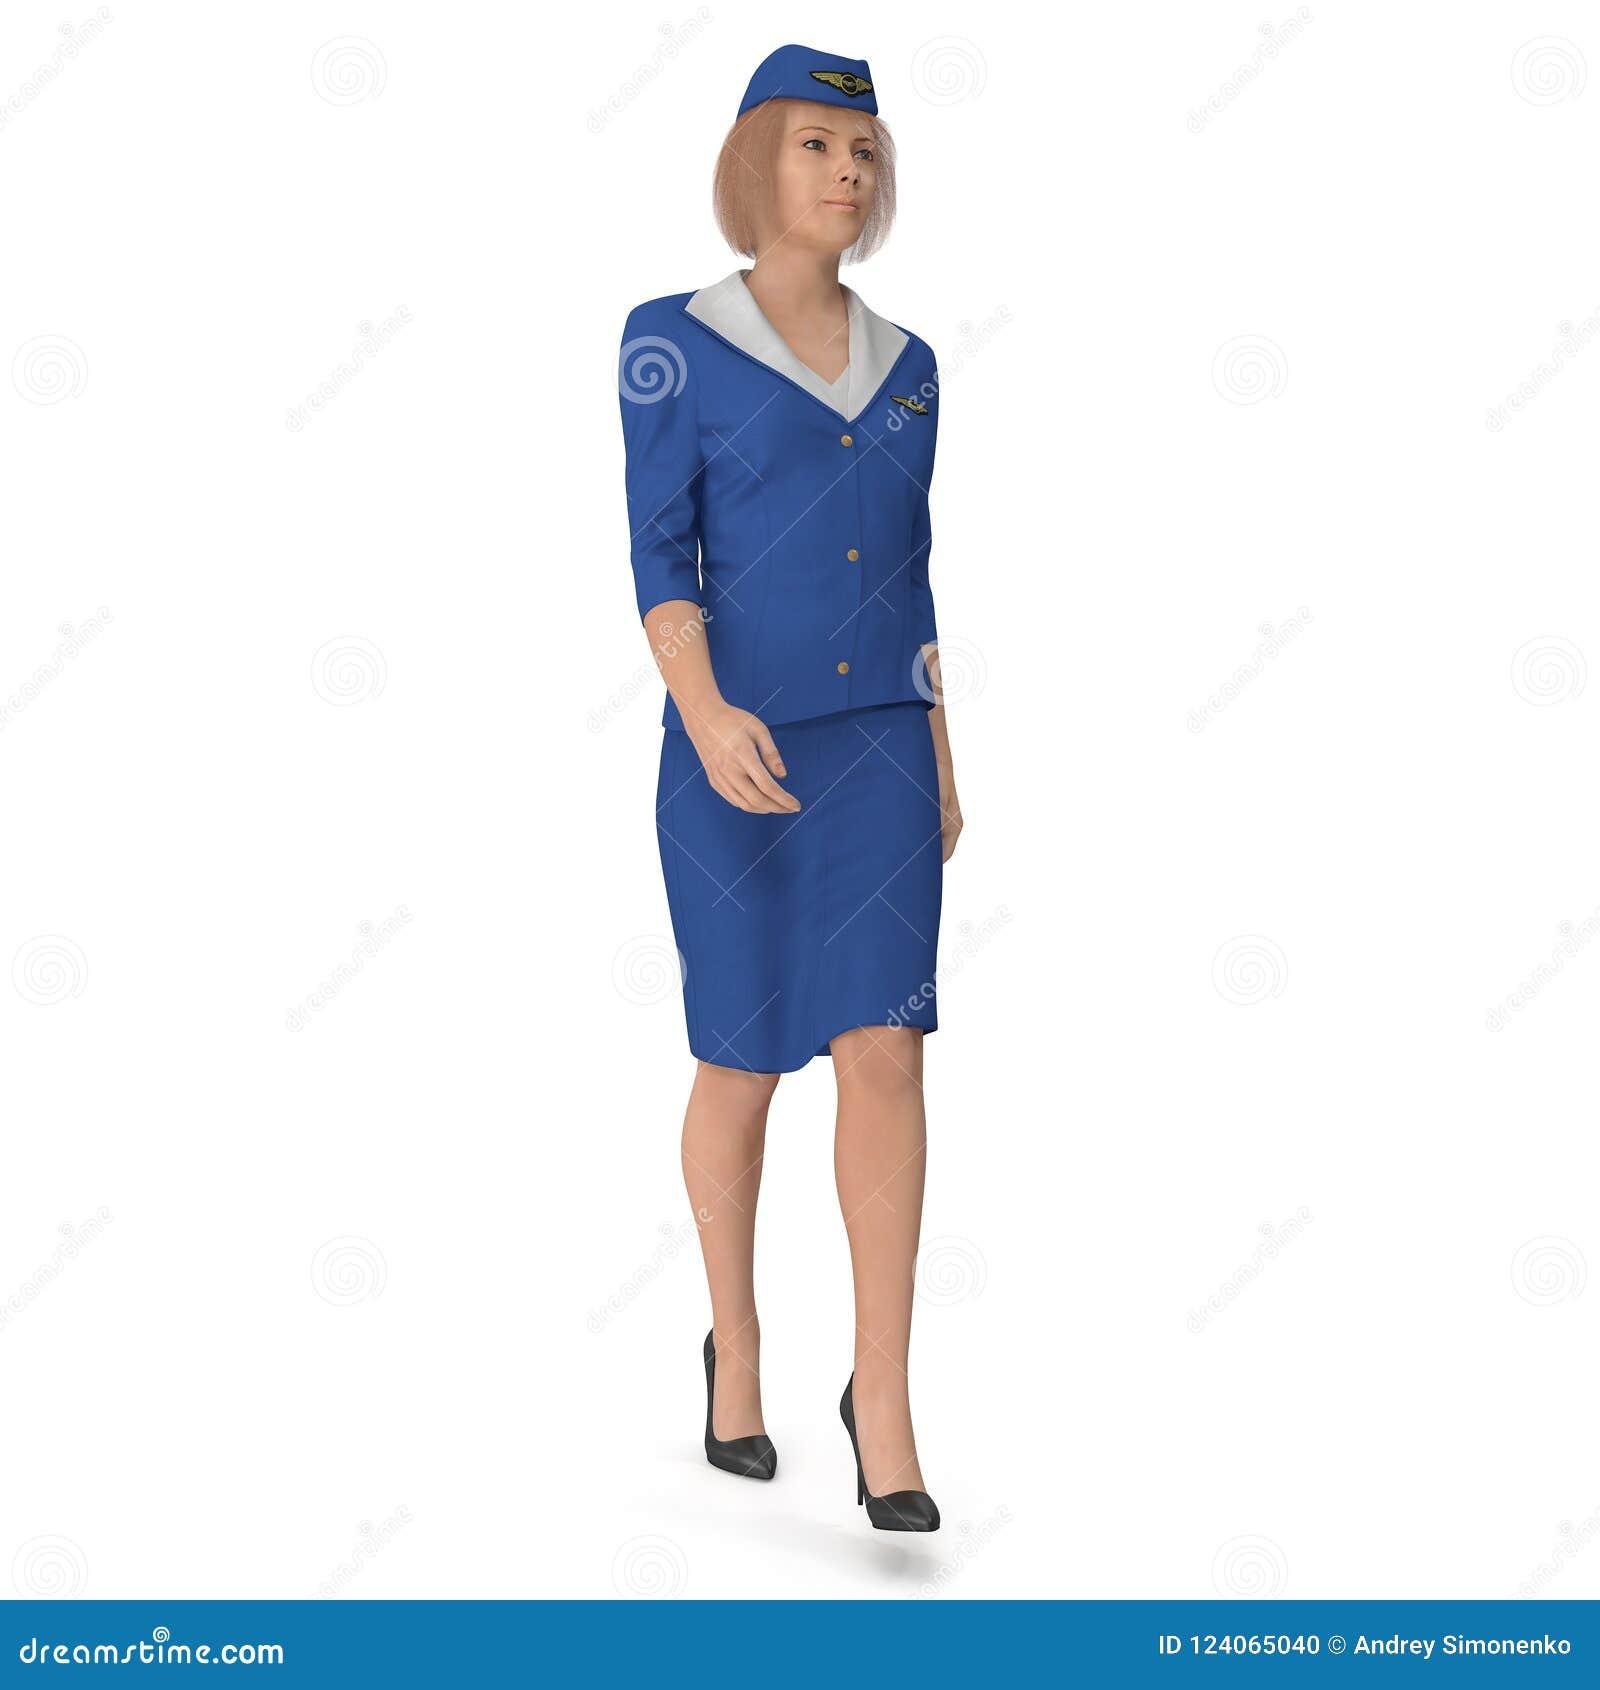 Η περπατώντας αεροσυνοδός έντυσε μπλε σε ομοιόμορφο τρισδιάστατη απεικόνιση που απομονώνεται στο άσπρο υπόβαθρο